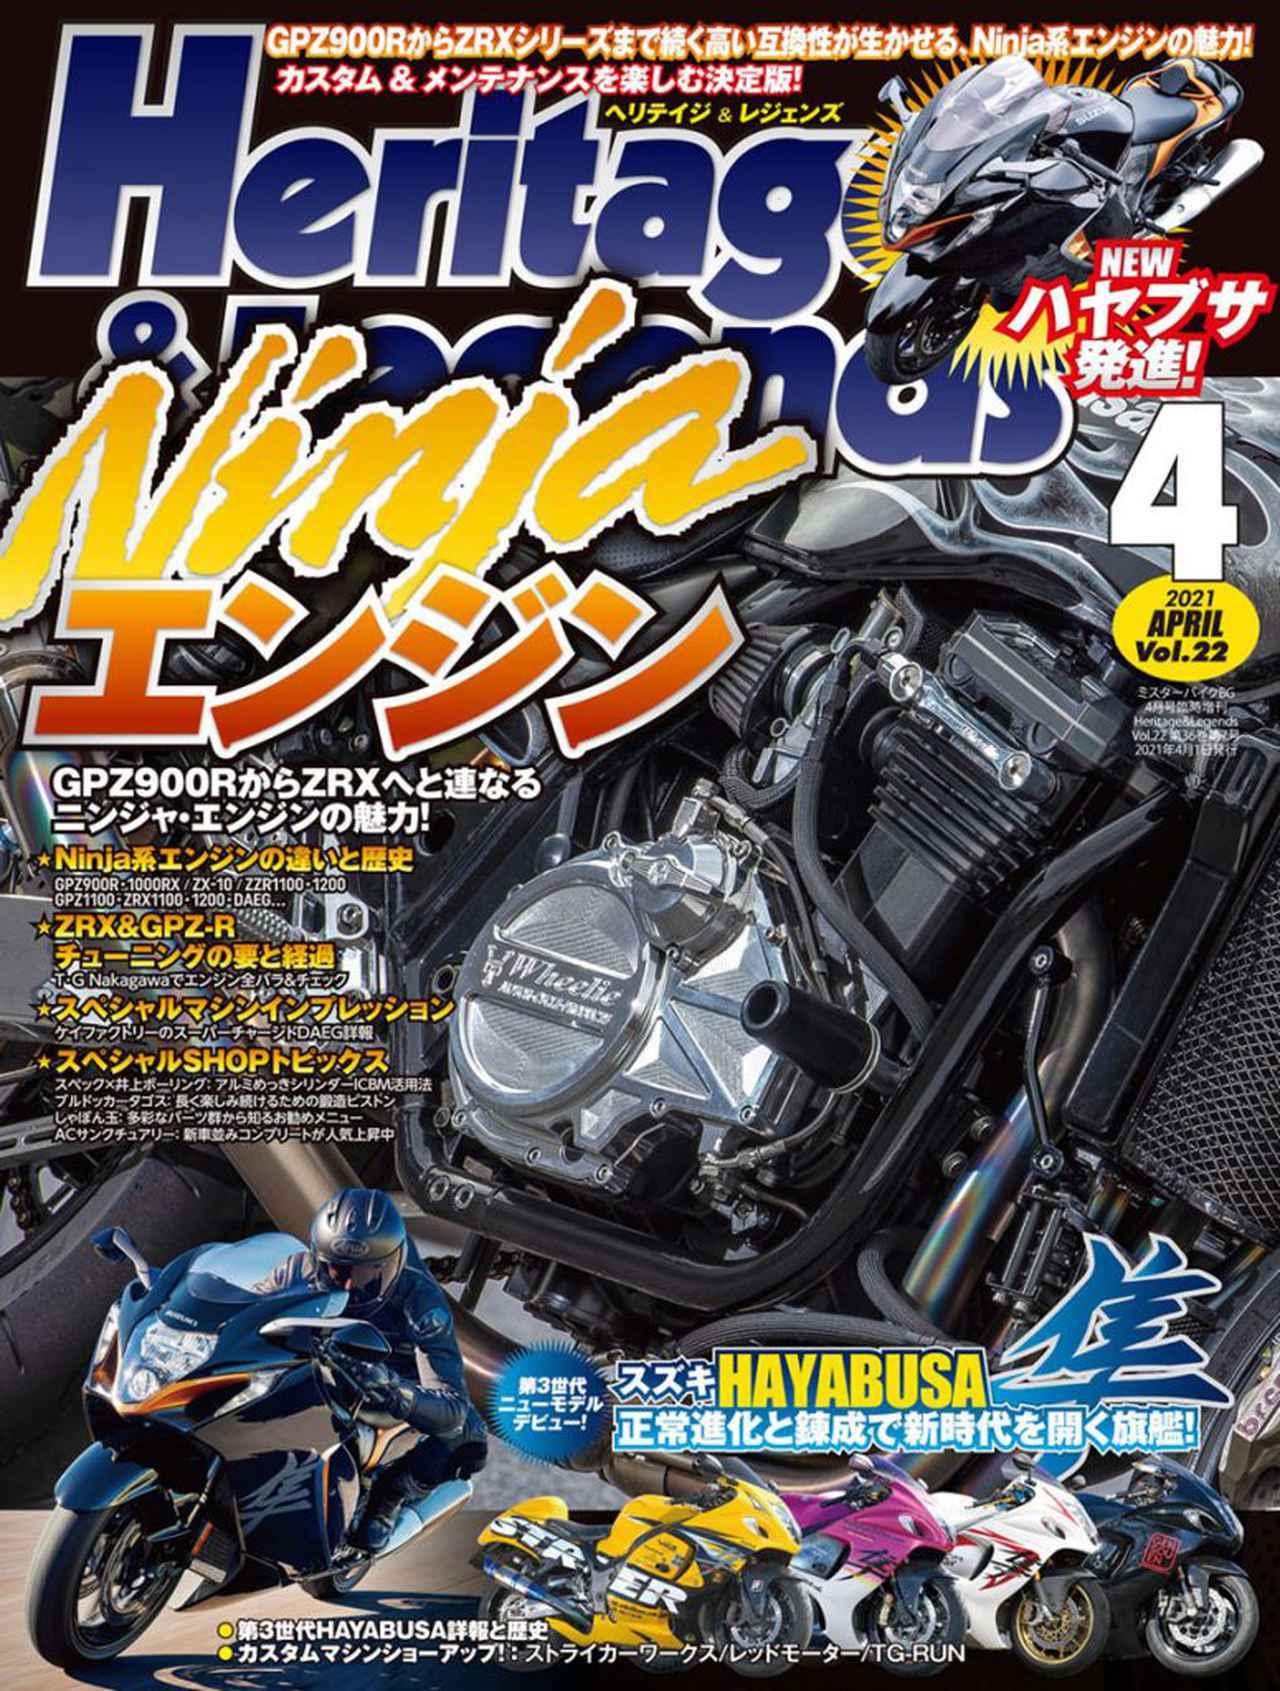 画像: 月刊『ヘリテイジ&レジェンズ』2021年4月号(Vol.22)好評発売中!  ヘリテイジ&レジェンズ Heritage& Legends